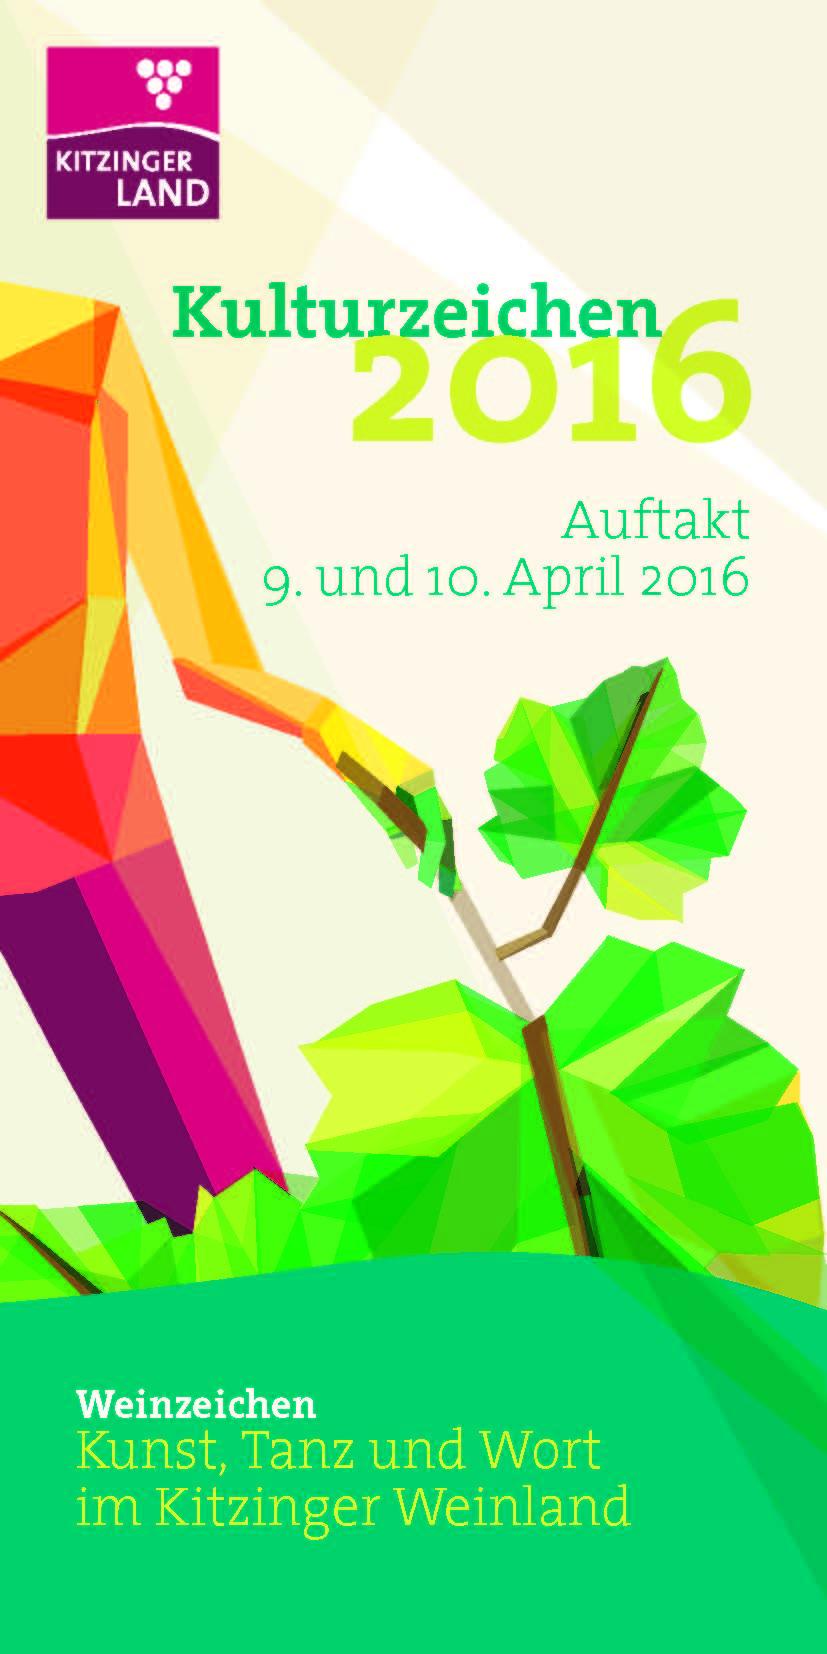 Kulturzeichen_Flyer 22.04.16_Seite_1